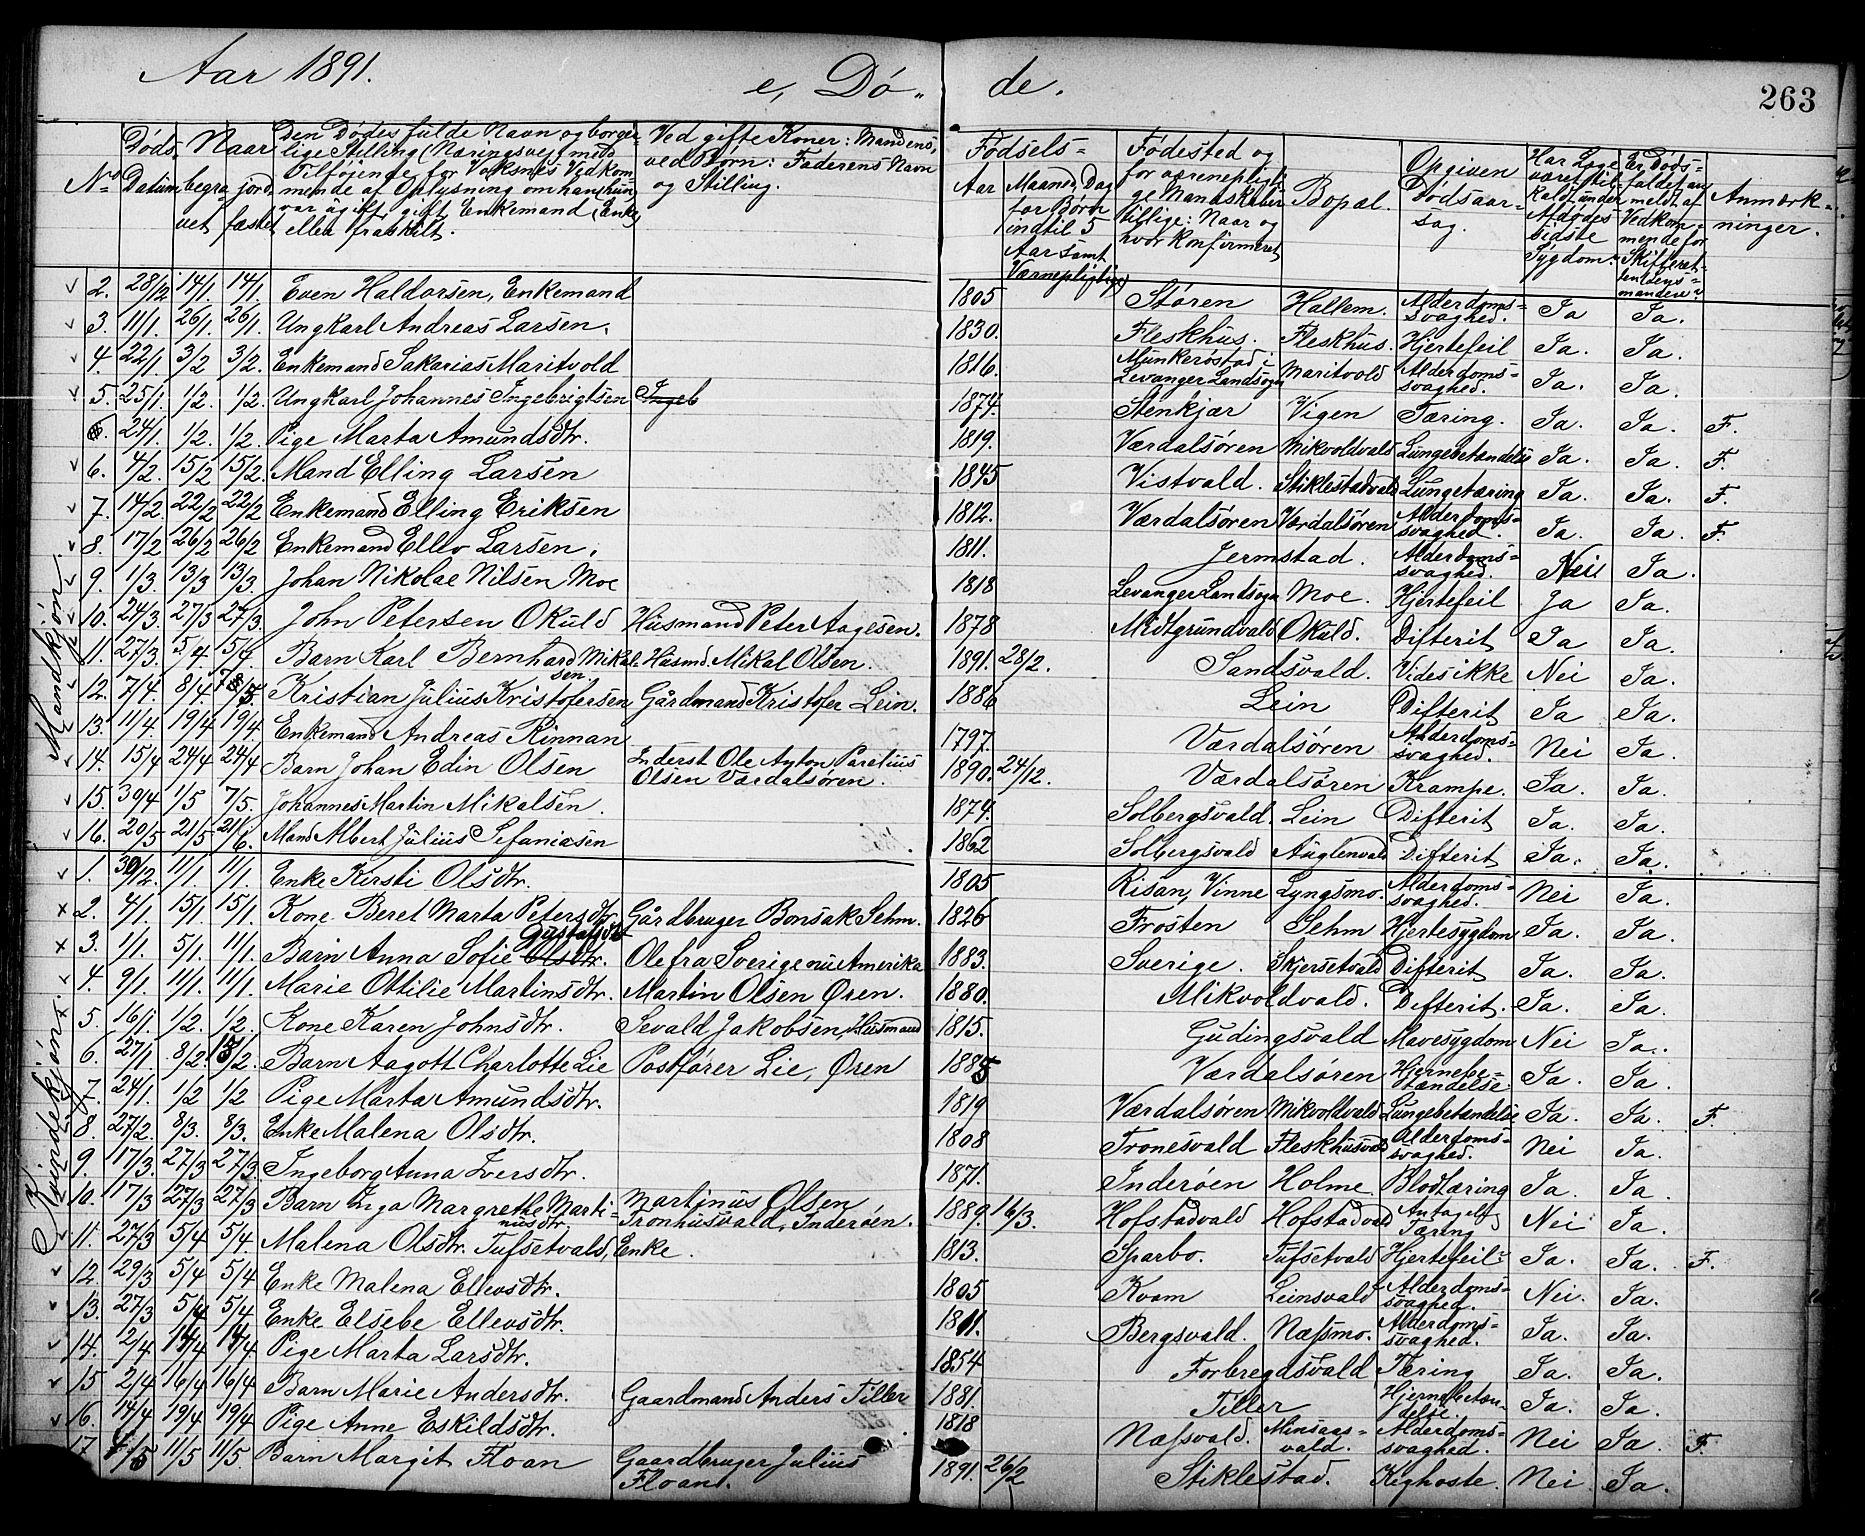 SAT, Ministerialprotokoller, klokkerbøker og fødselsregistre - Nord-Trøndelag, 723/L0257: Klokkerbok nr. 723C05, 1890-1907, s. 263